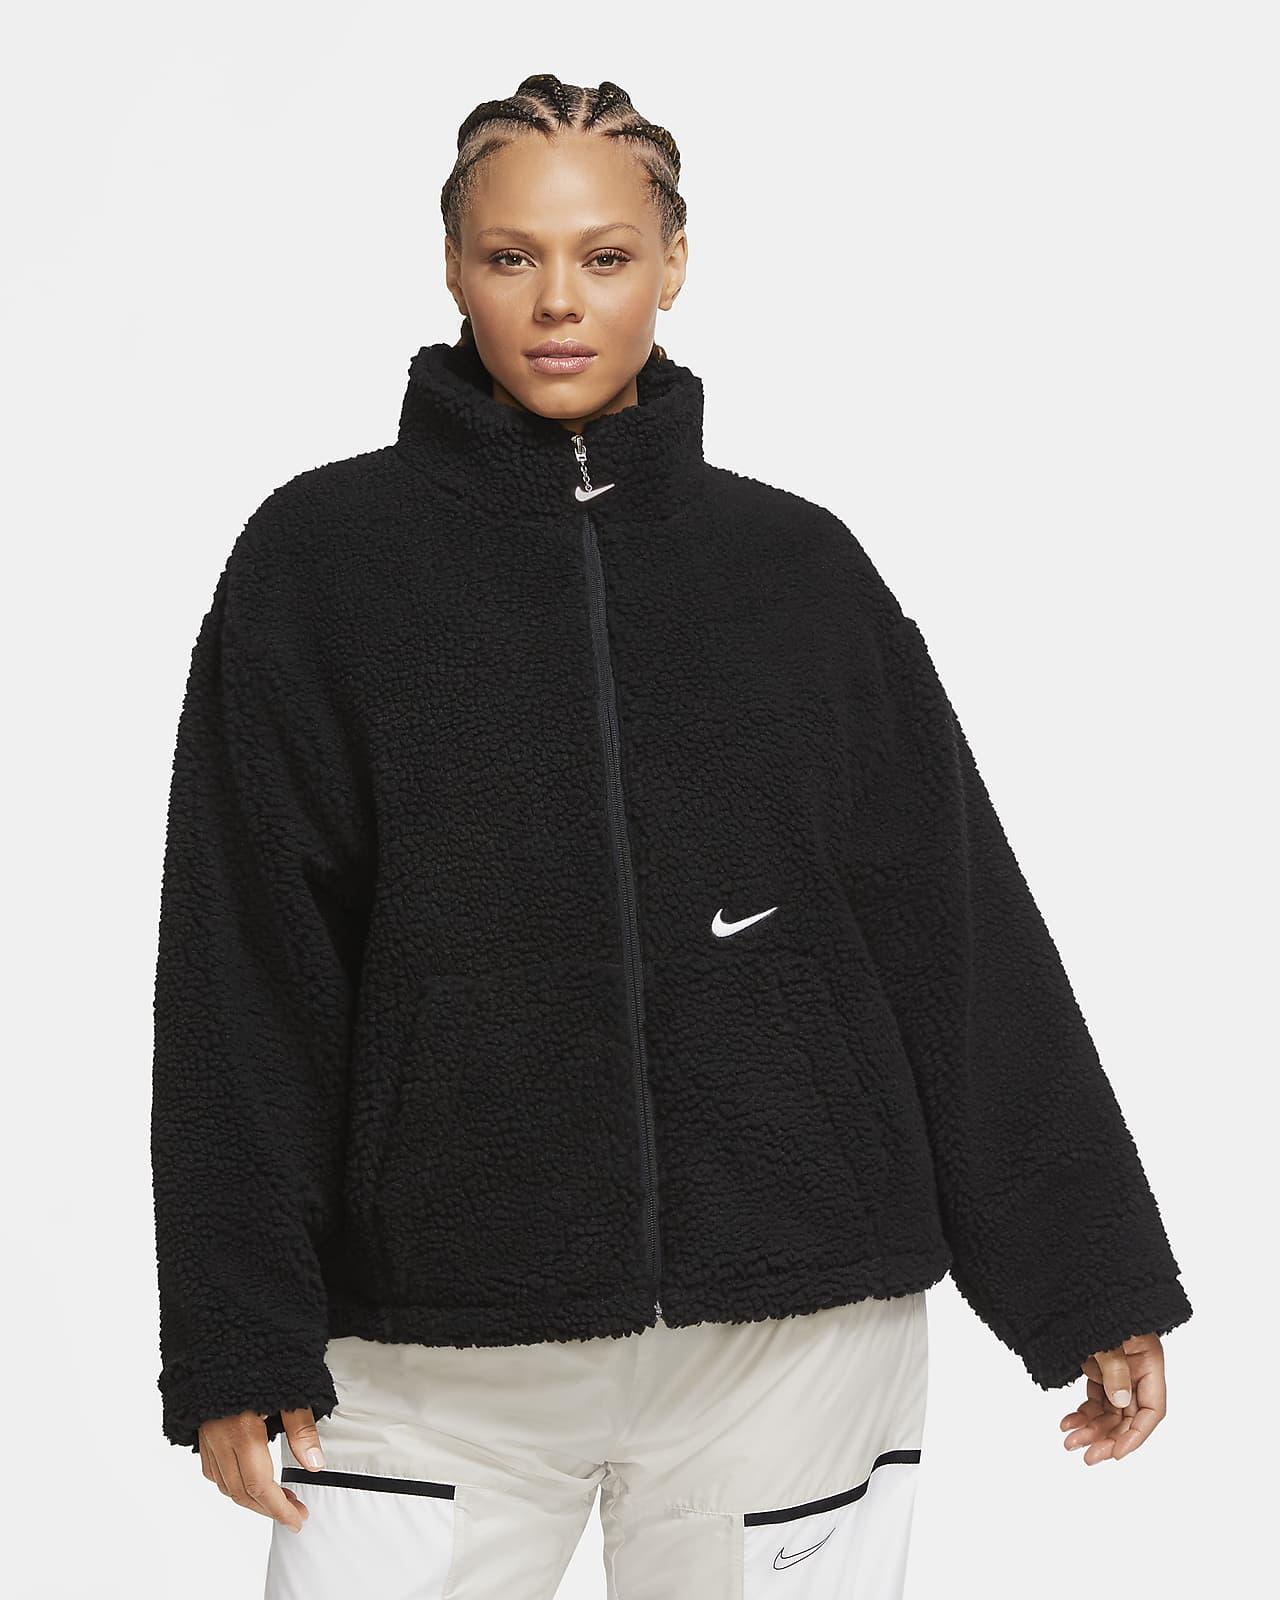 Nike Sportswear Swoosh Women's Sherpa Jacket (Plus Size)